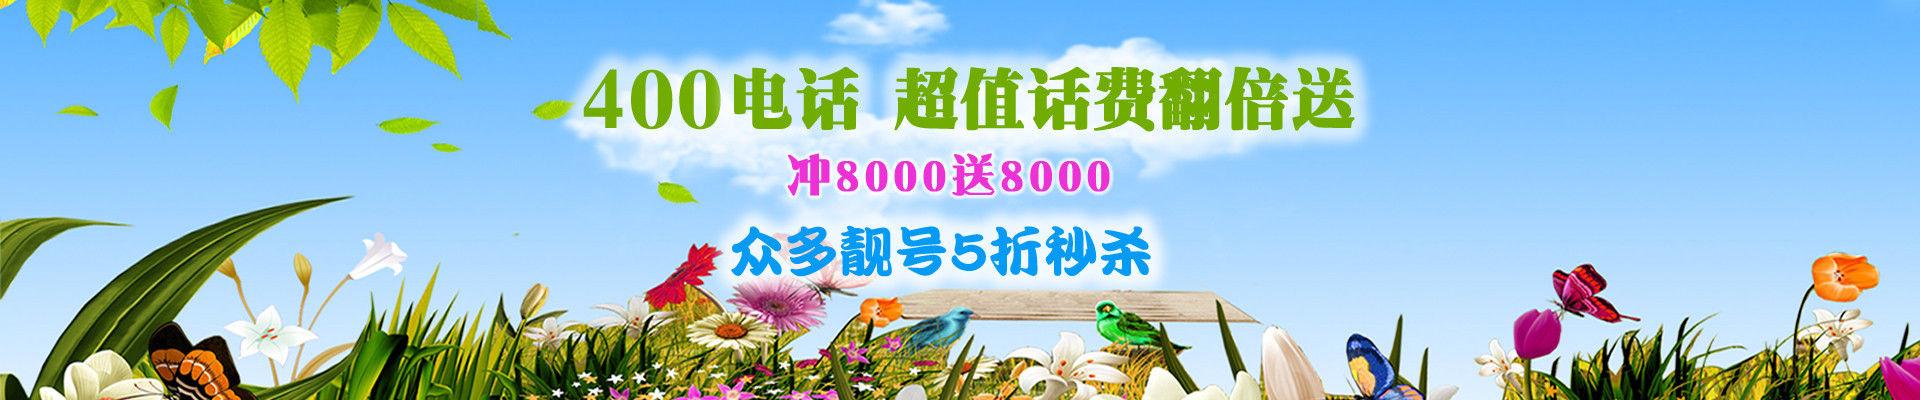 渭南400电话优惠活动